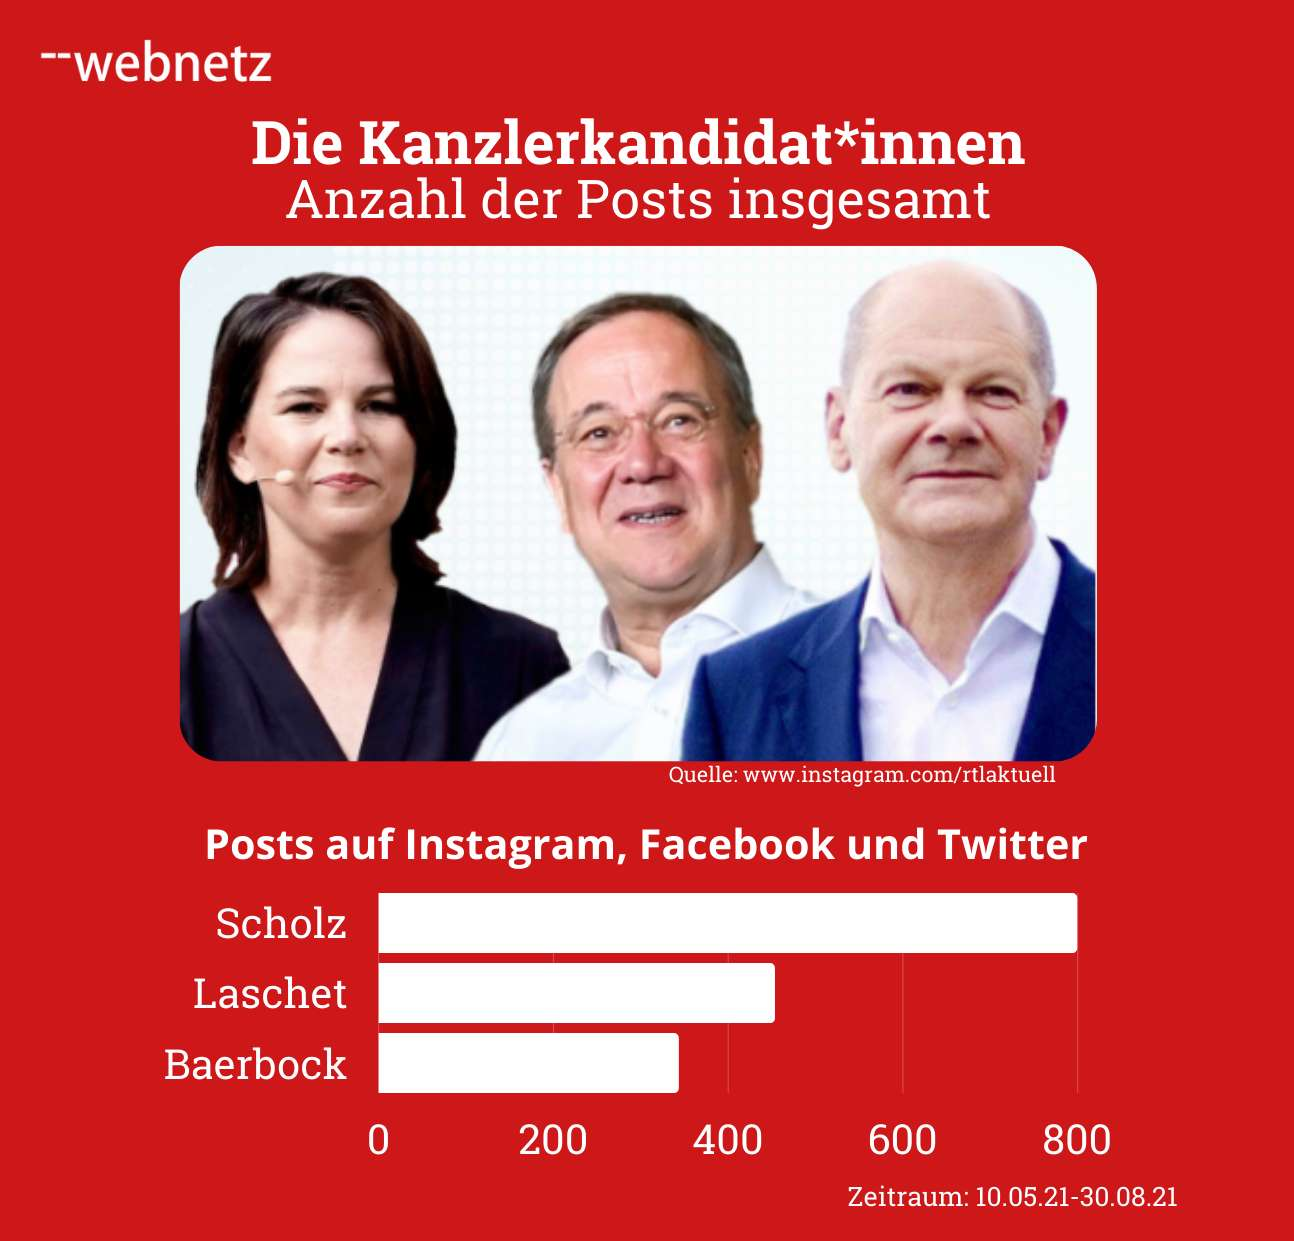 Anzahl der Posts von den Kanzlerkandidat*innen insgesamt